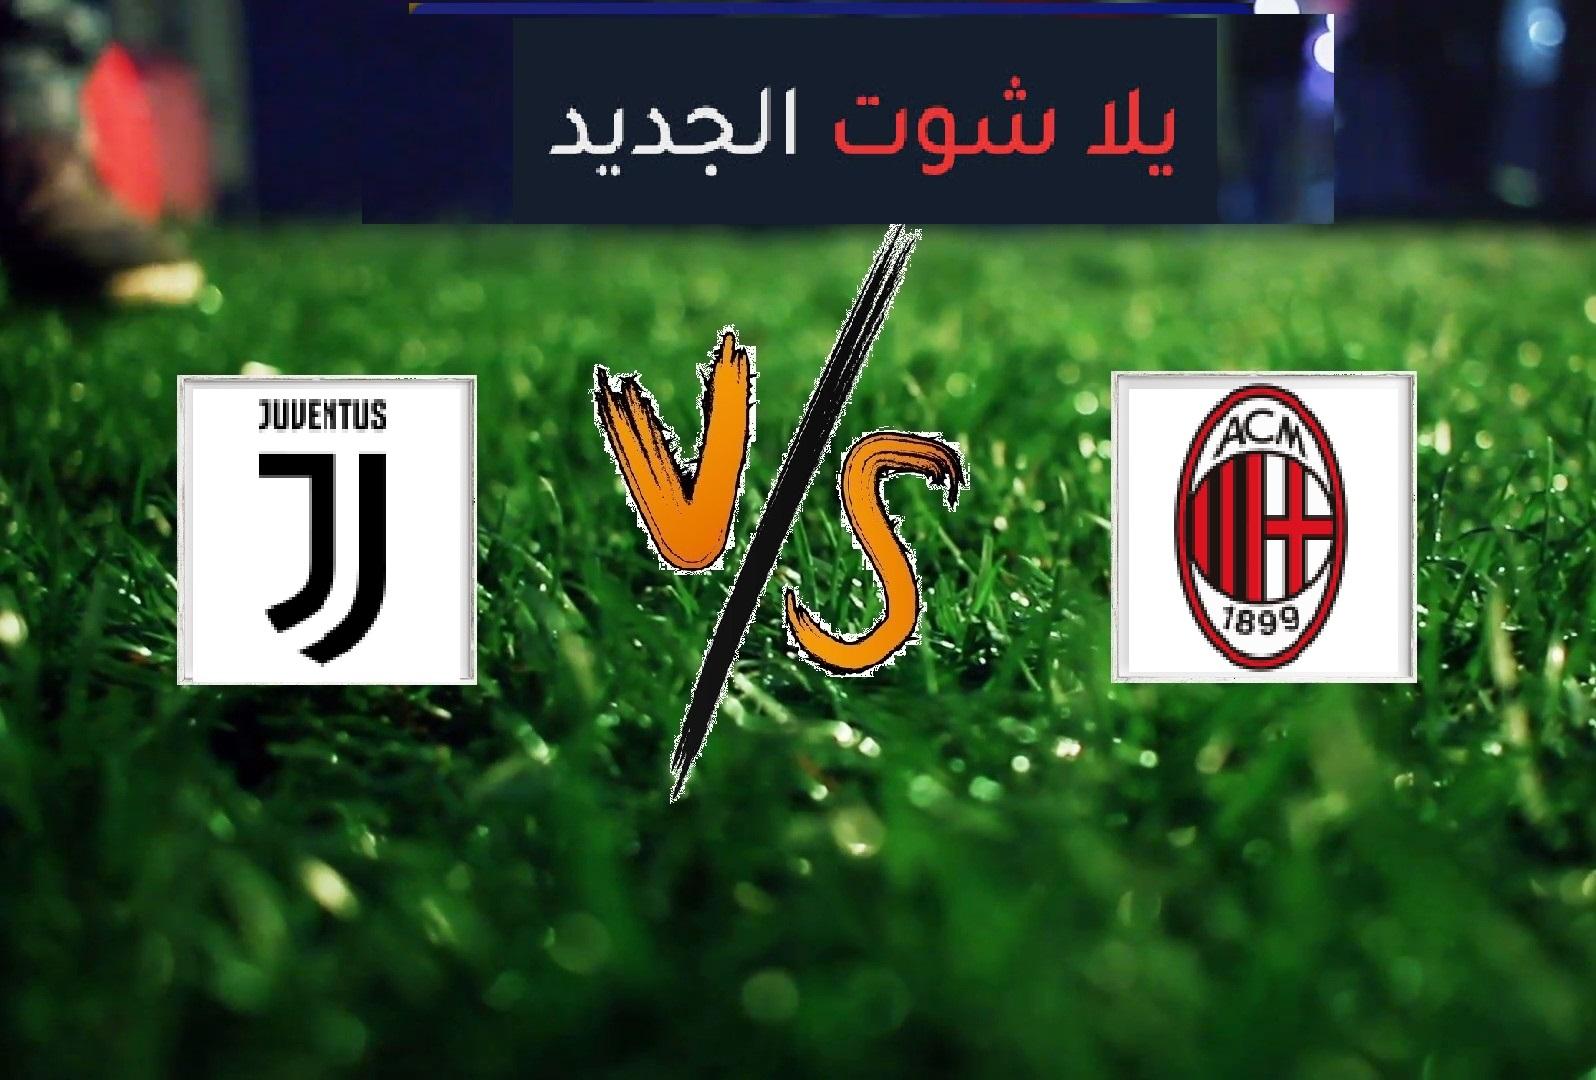 نتيجة مباراة ميلان ويوفنتوس بتاريخ 13-02-2020 كأس إيطاليا